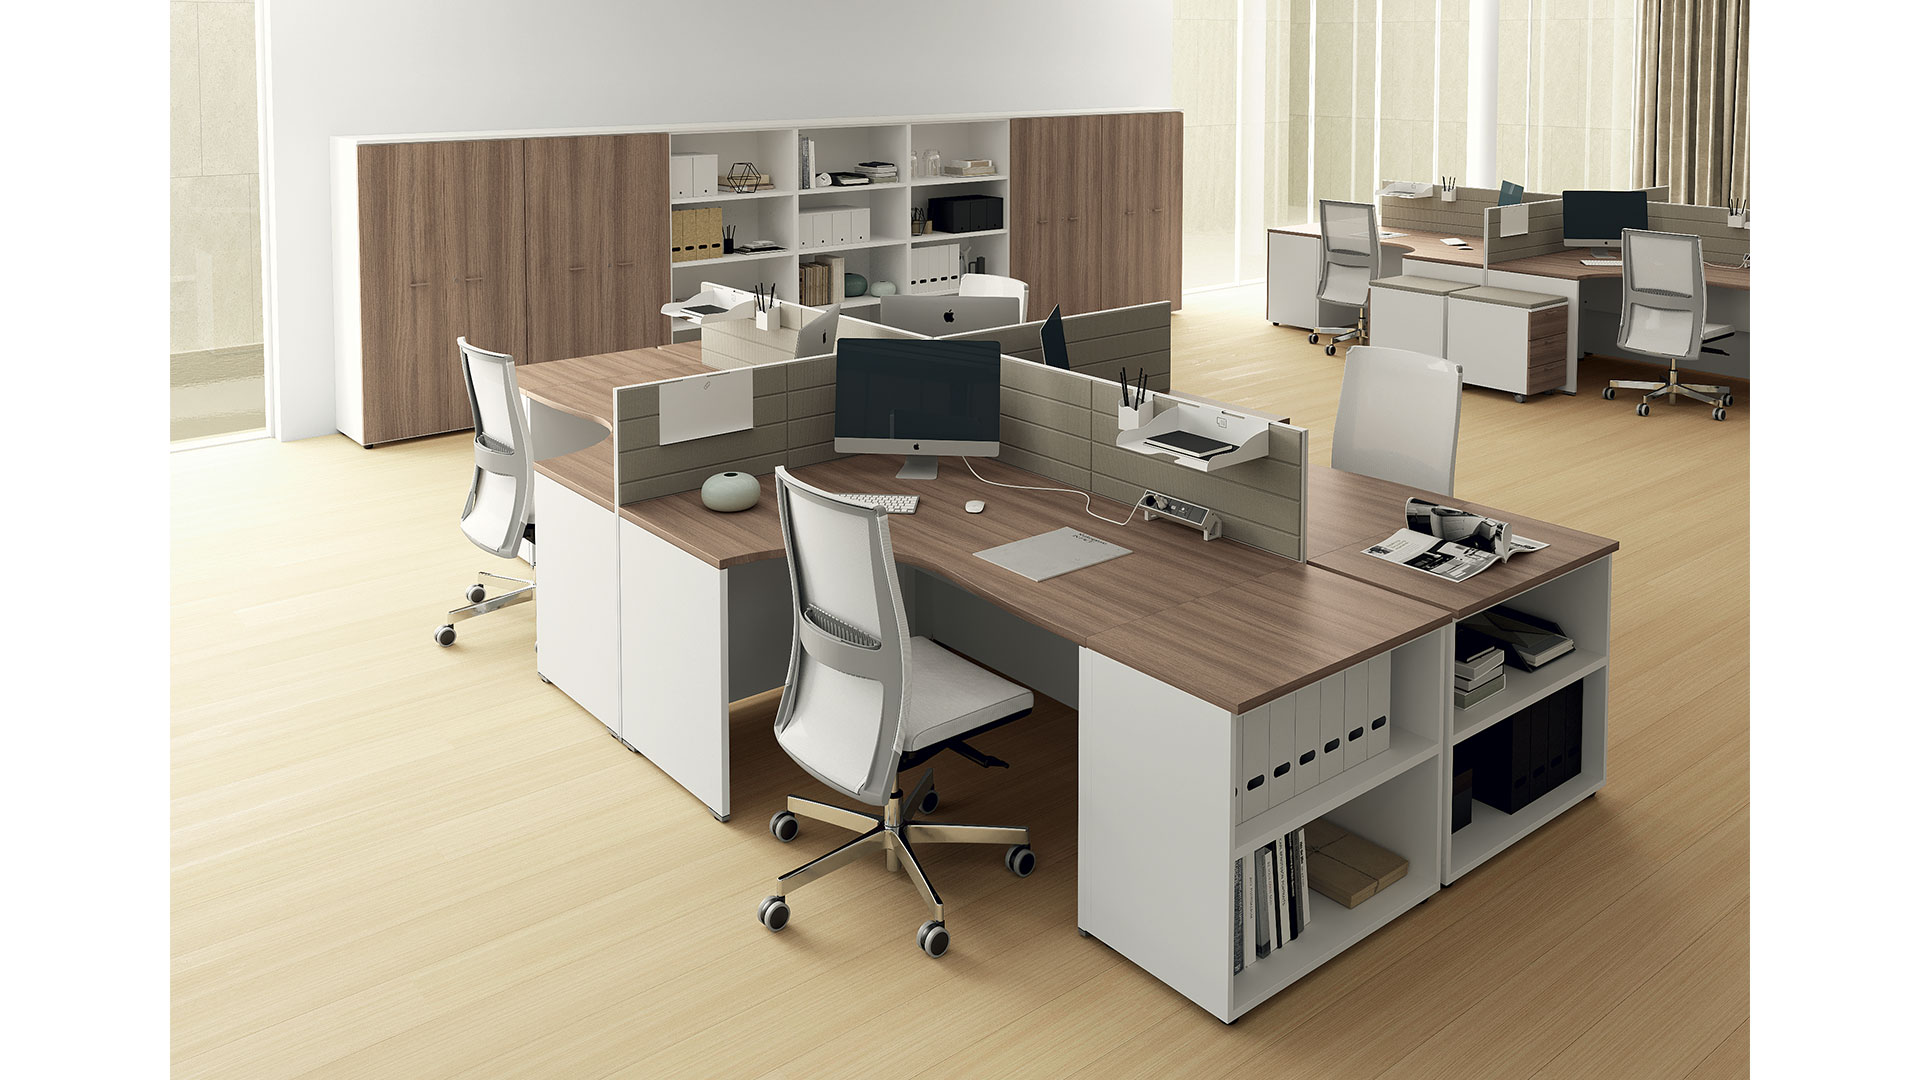 Ufficio operativo arredamento uffici operativi e open for Uffici operativi